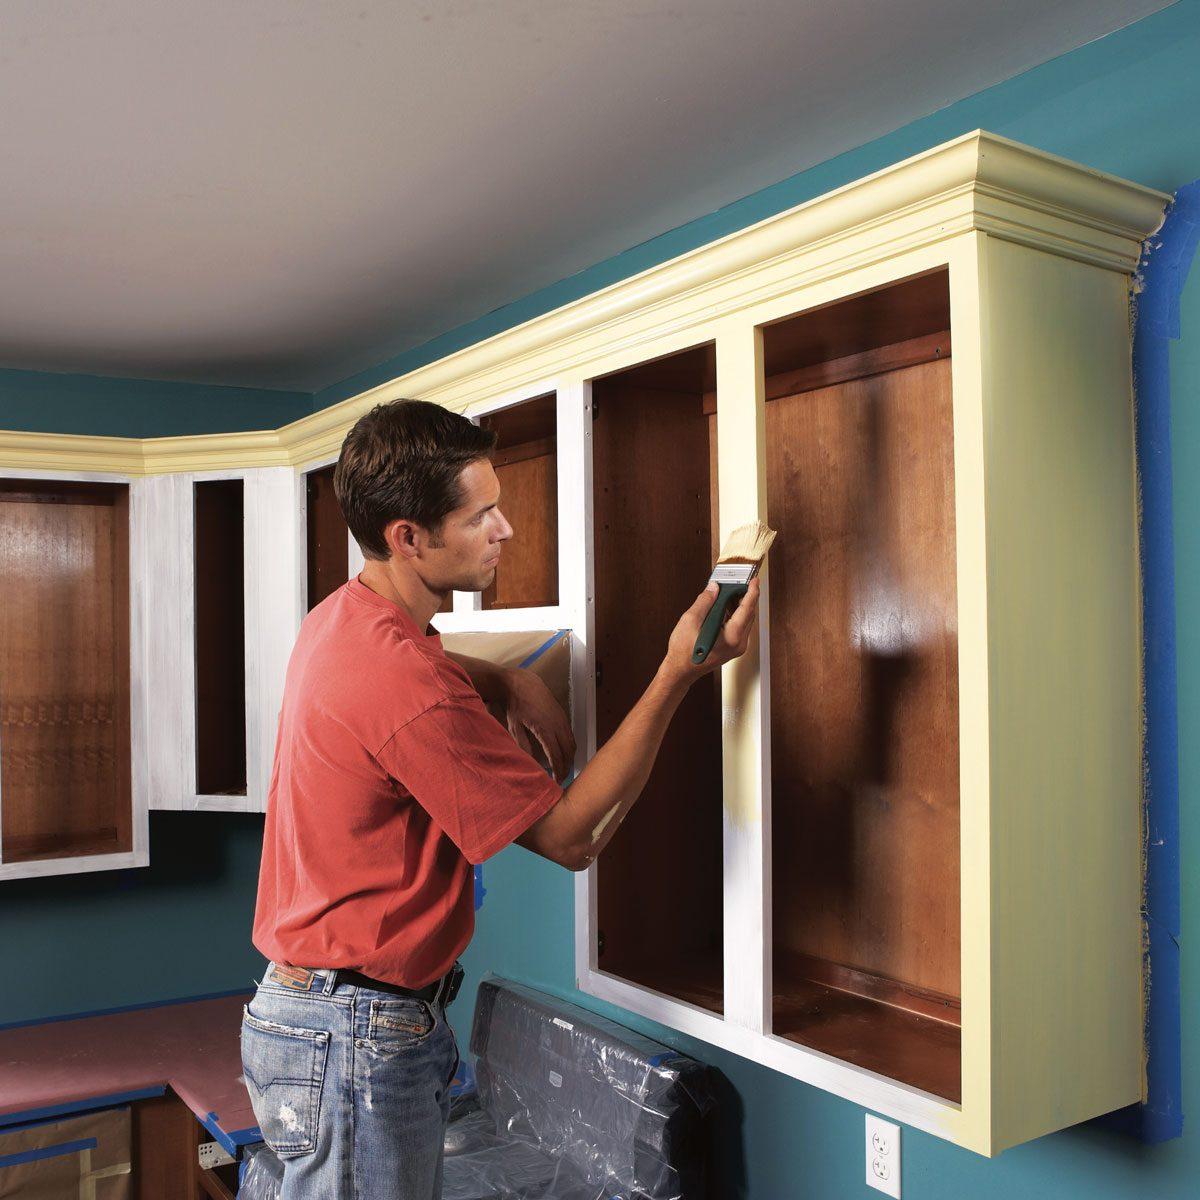 ridipingere-i-mobili-della-cucina-procedimenti-e-suggerimenti-9